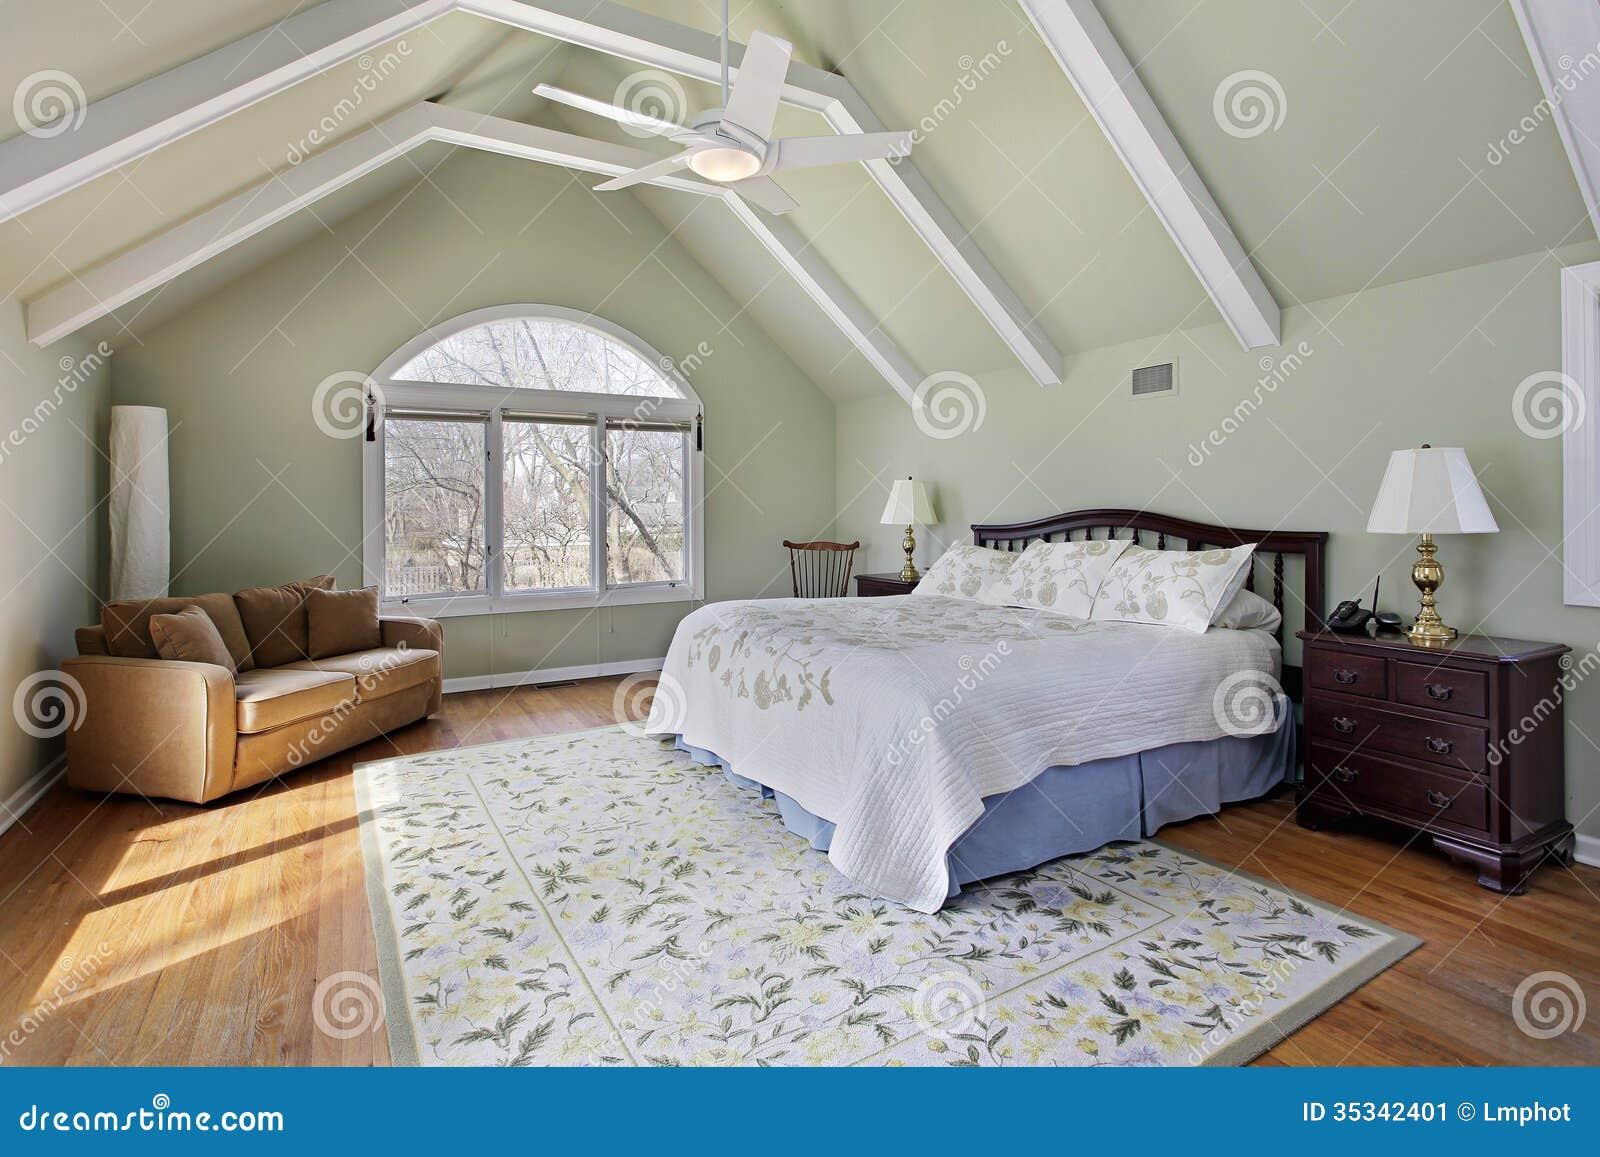 Chambre Coucher Principale Avec Des Faisceaux De Plafond